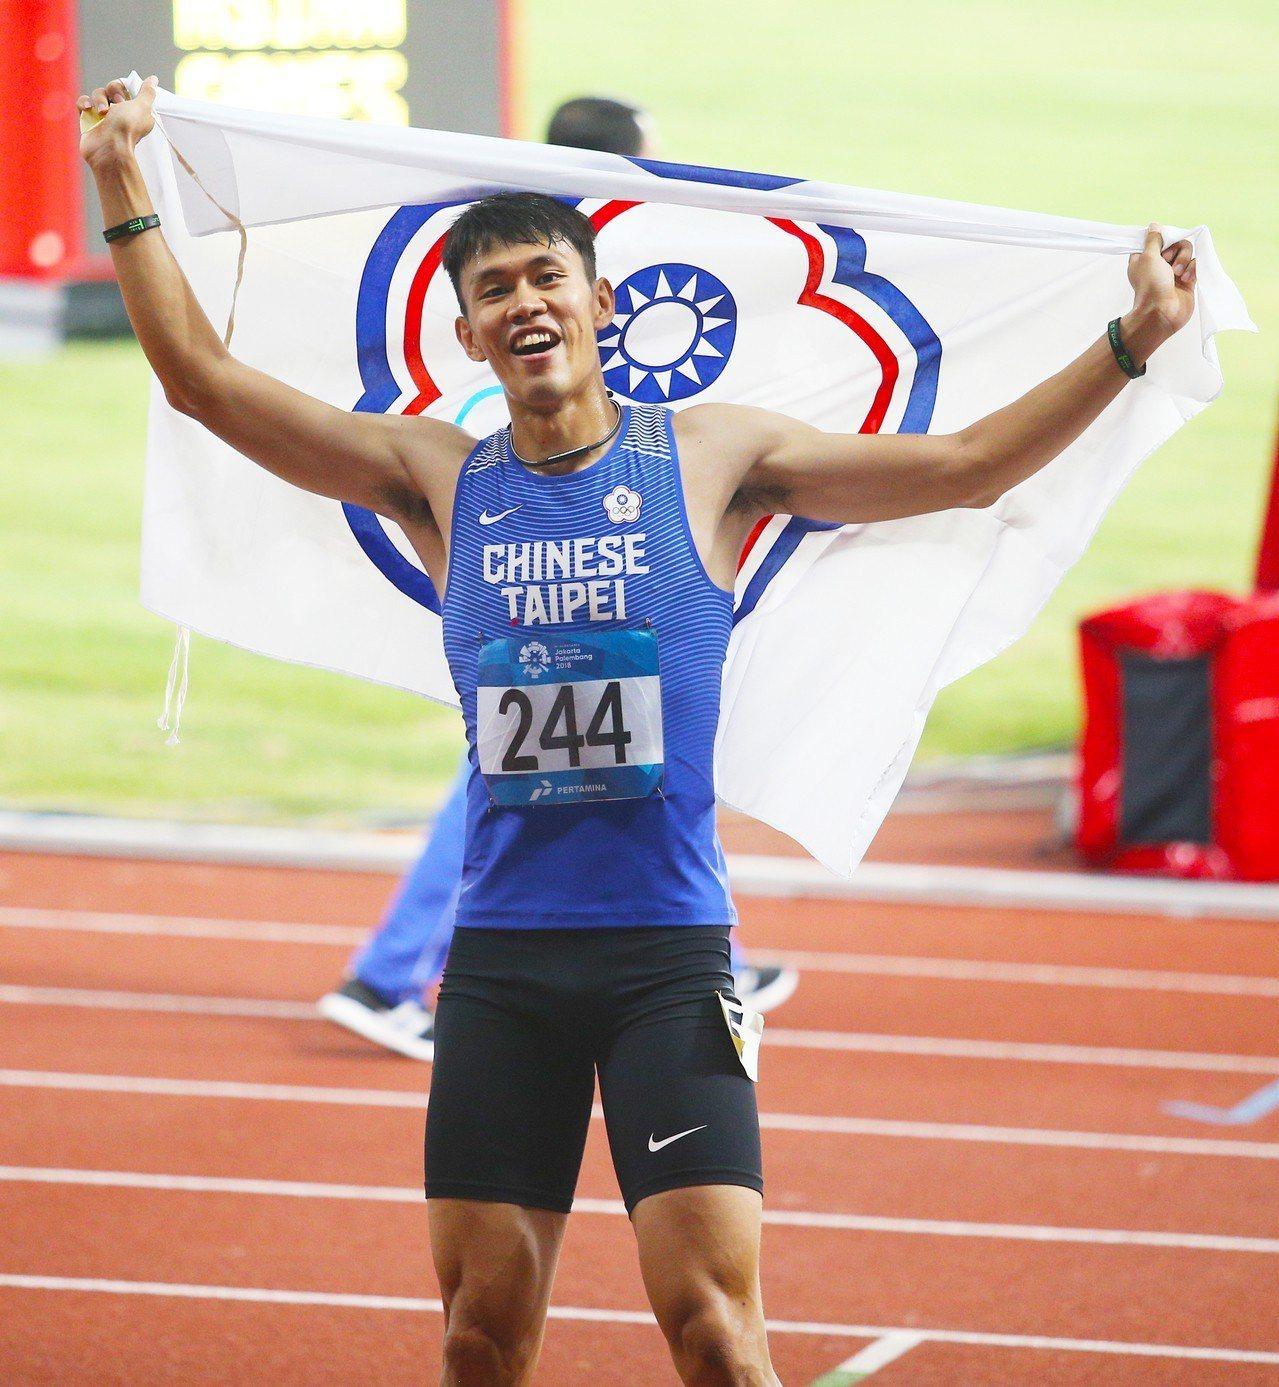 陳奎儒在110公尺跨欄摘下銀牌。特派記者陳正興/雅加達攝影